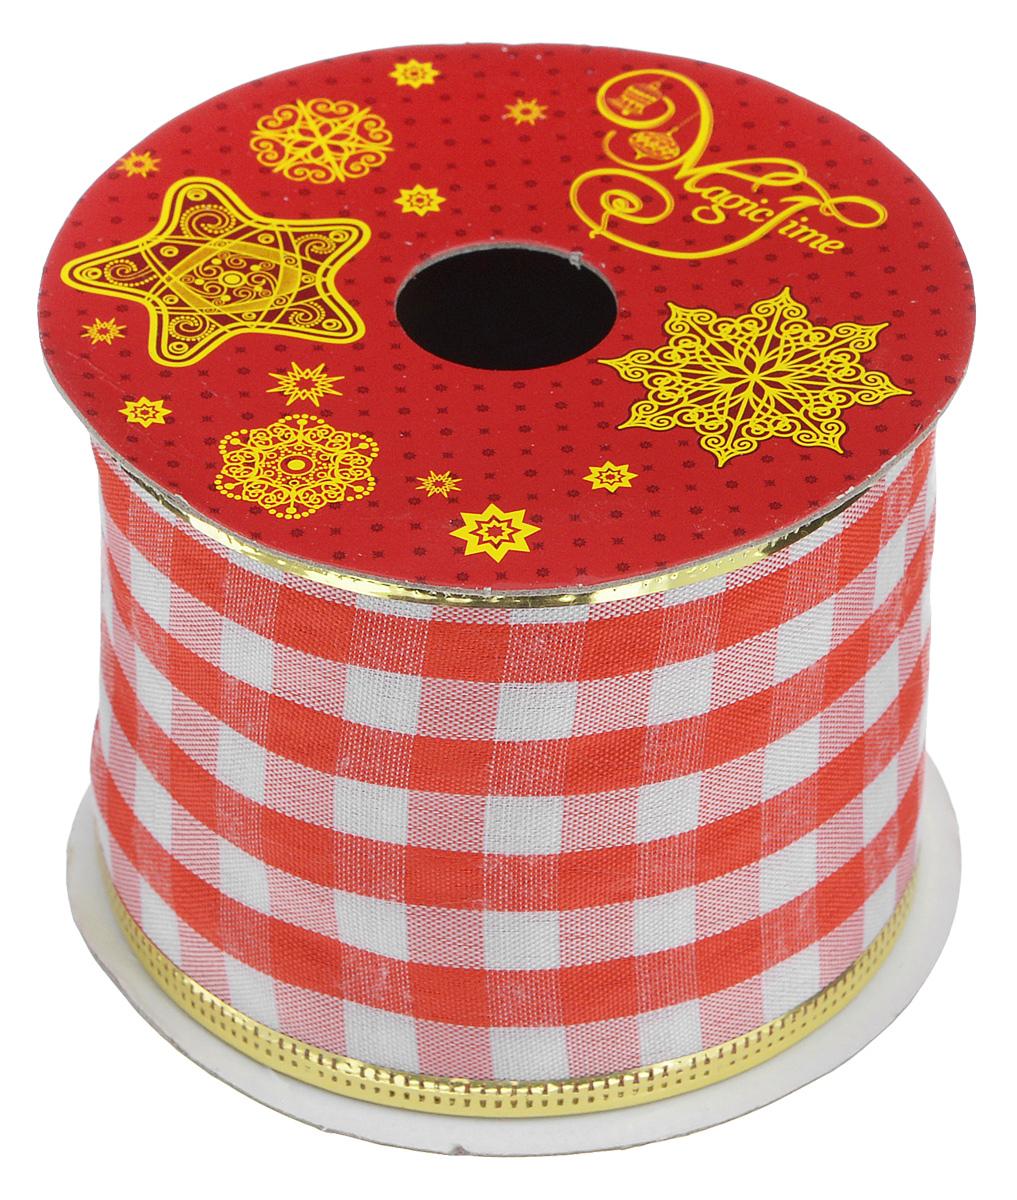 Декоративная лента Феникс-презент Magic Time, цвет: белый, красный, длина 2,7 м. 3889738897Декоративная лента Феникс-презент Magic Time выполнена из высококачественного полиэстера. В края ленты вставлена проволока, благодаря чему ее легко фиксировать. Лента предназначена для оформления подарочных коробок, пакетов. Кроме того, декоративная лента с успехом применяется для художественного оформления витрин, праздничного оформления помещений, изготовления искусственных цветов. Декоративная лента украсит интерьер вашего дома к праздникам. Ширина ленты: 6,3 см.